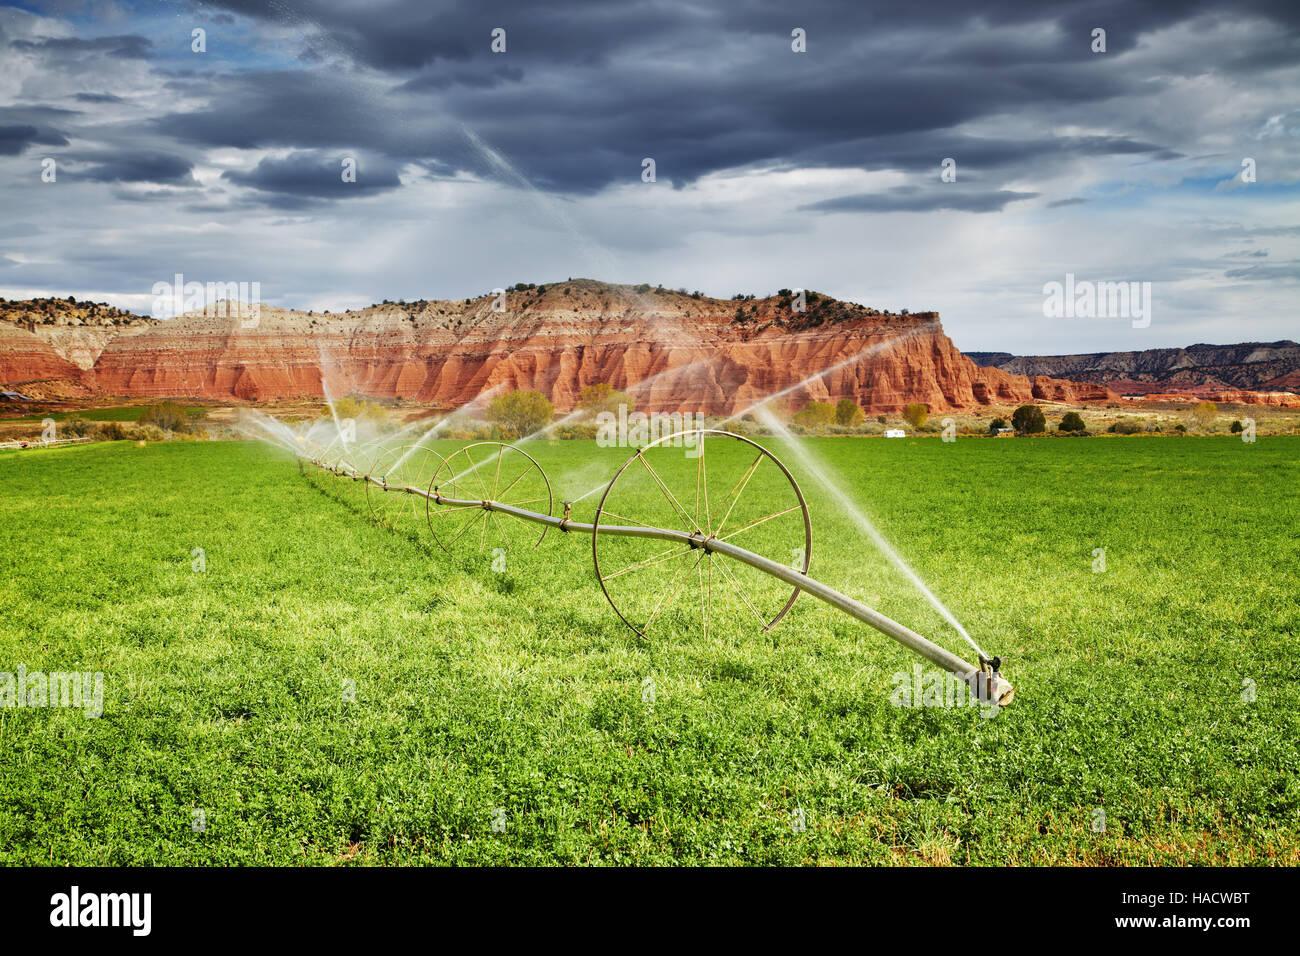 L'agriculture irriguée au désert, ferme en Utah, USA Photo Stock